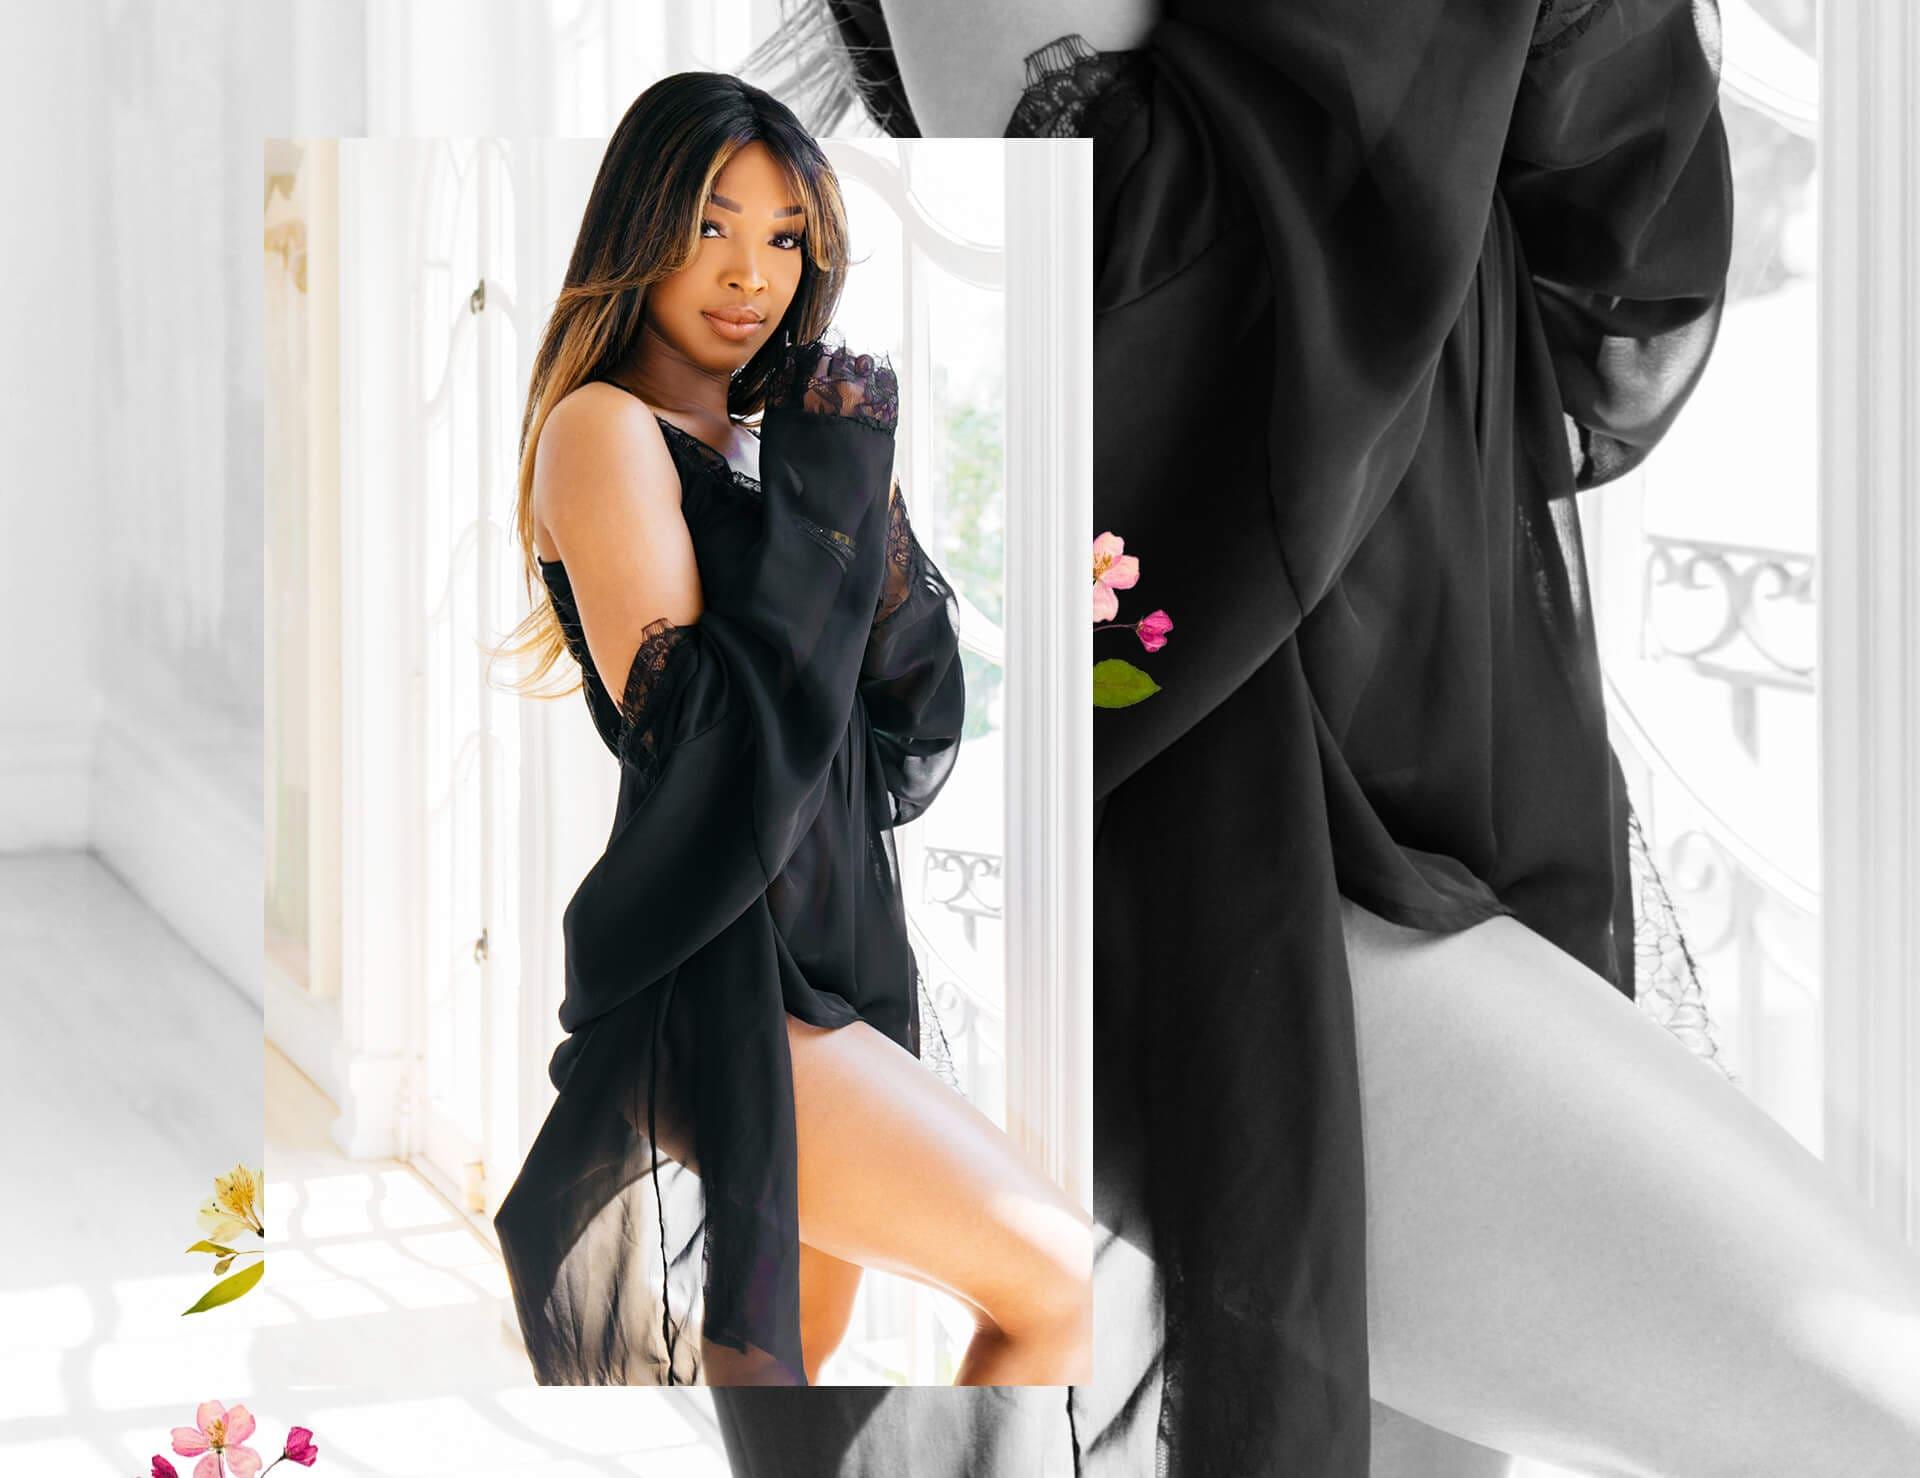 Malika Haqq Peach Front Wrap Tie Dress Shoot 1 Desktop